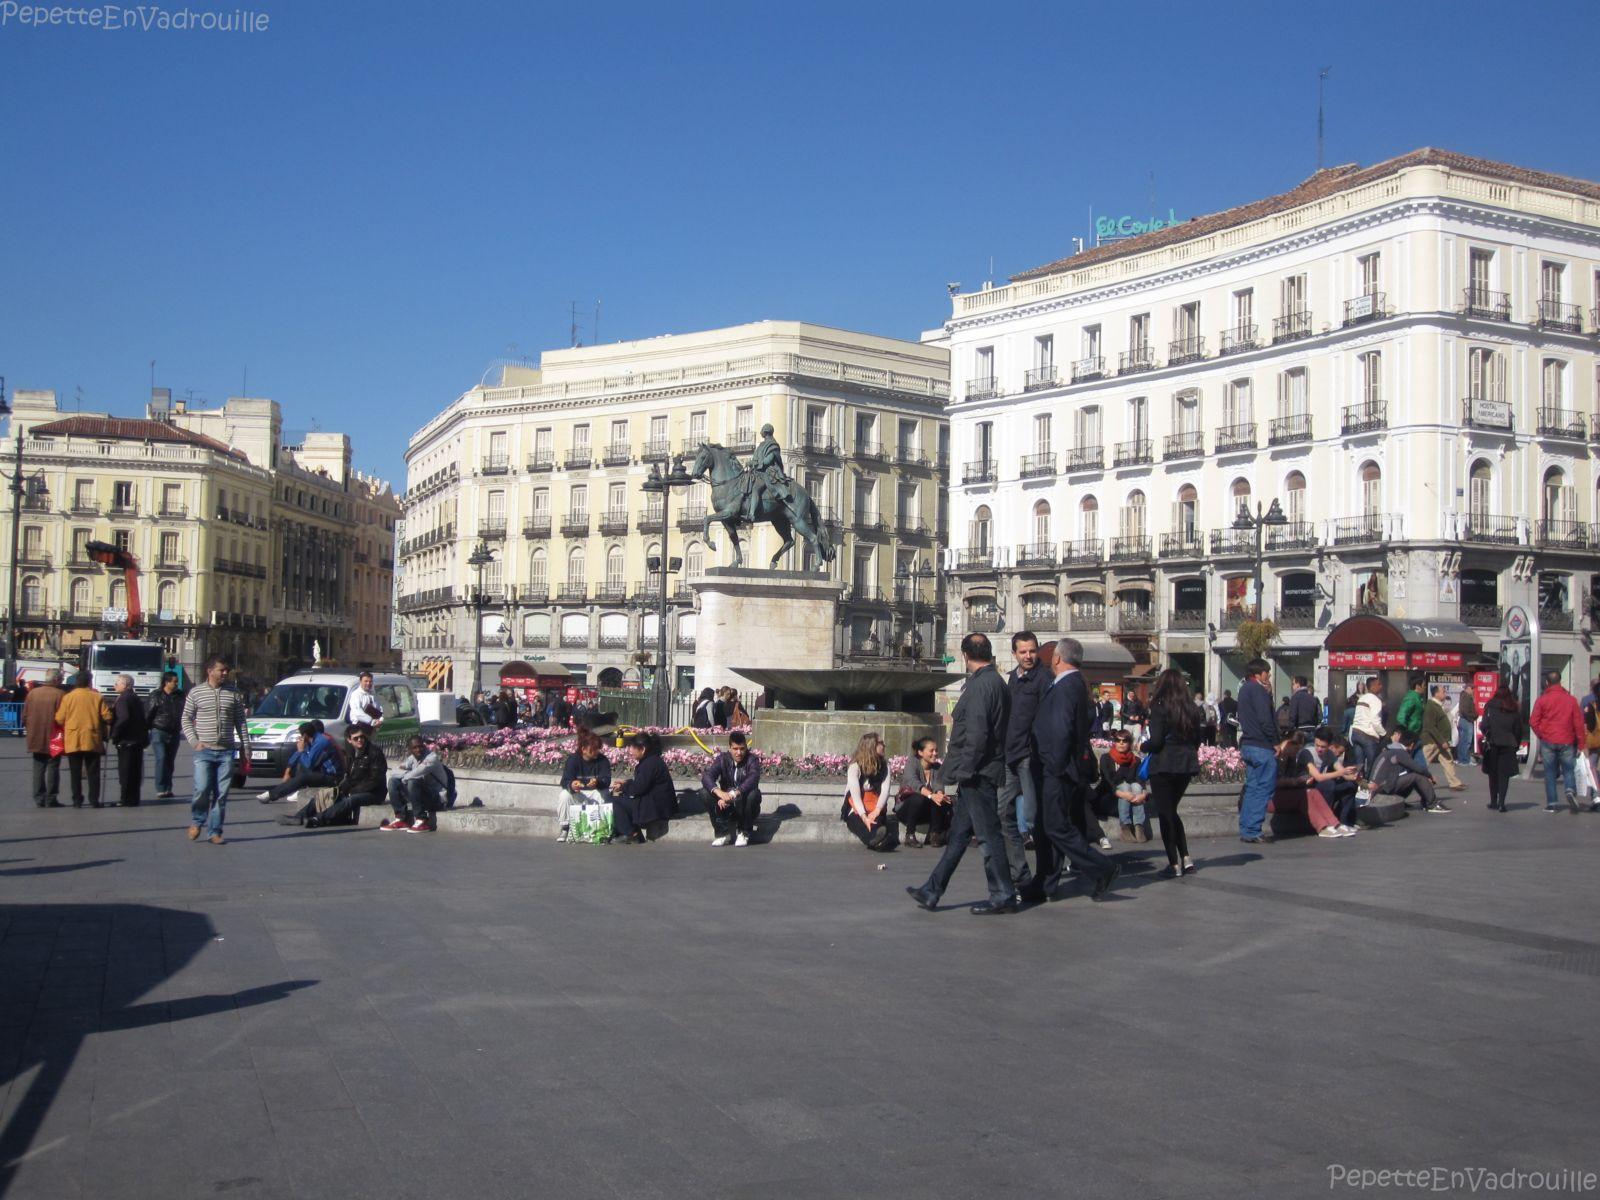 Madrid en un week end pepetteenvadrouille for Plaza de sol madrid